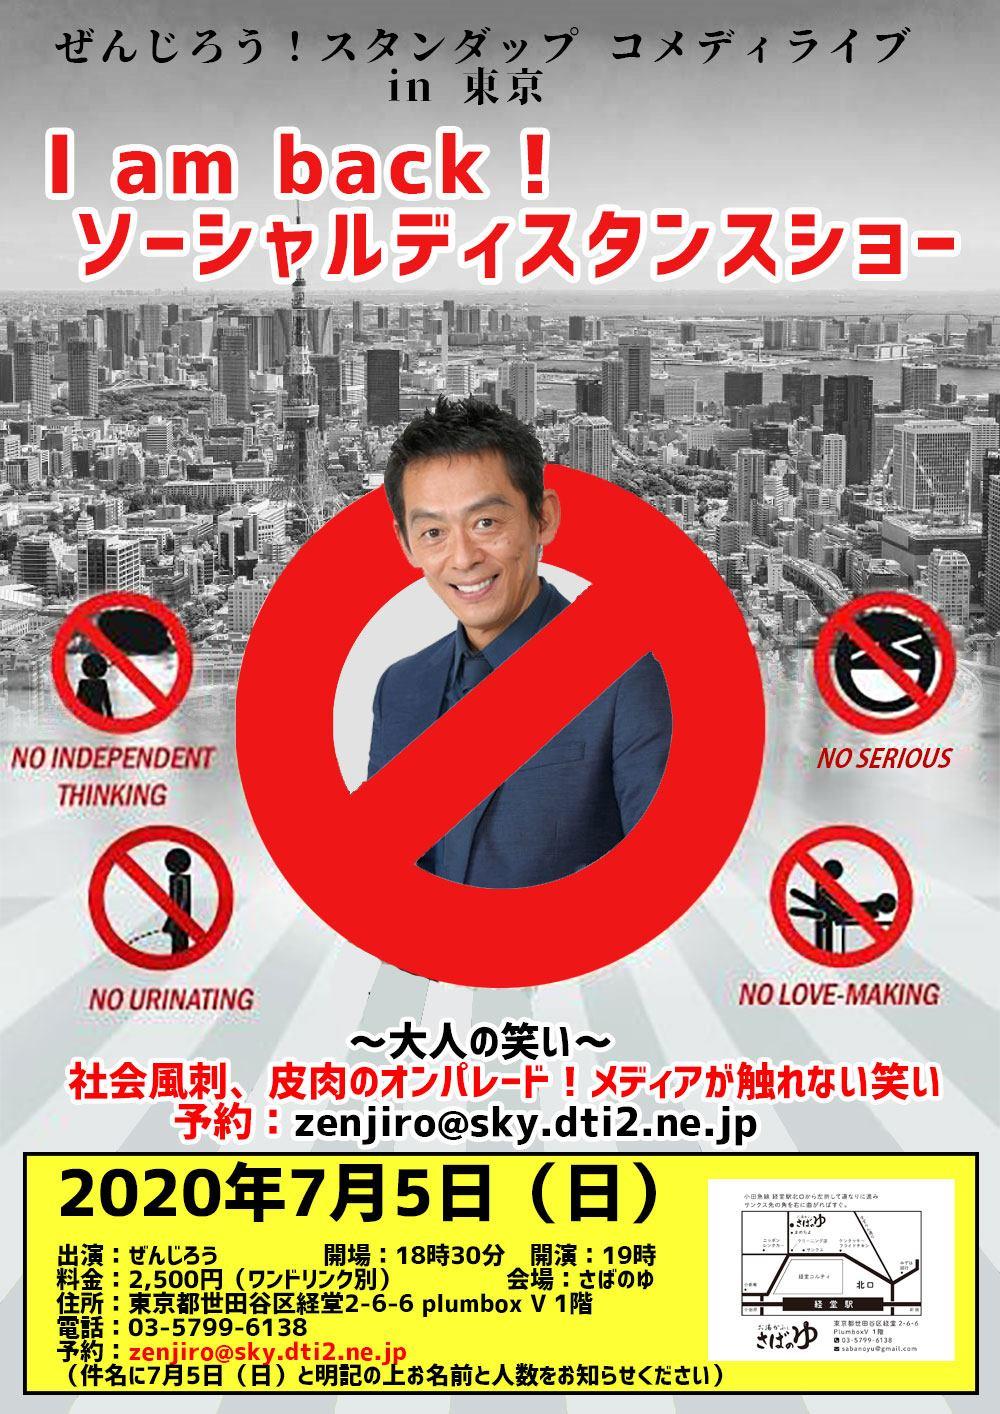 ぜんじろうのスタンダップ  笑いのソーシャルディスタンスショー!